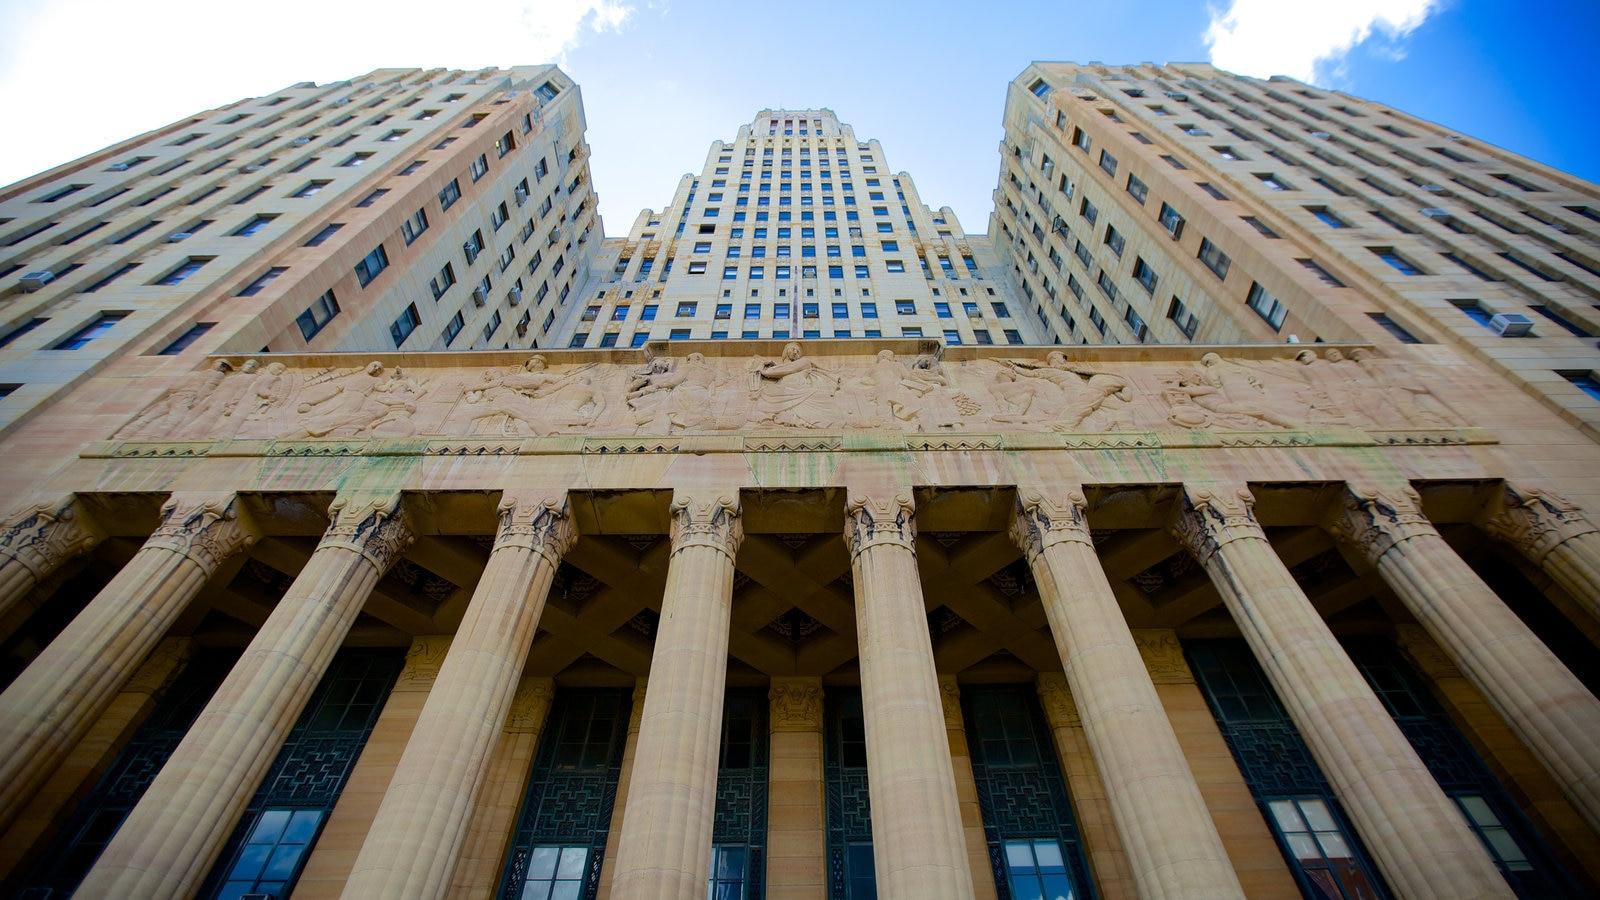 Buffalo City Hall caracterizando cenas de rua, arquitetura de patrimônio e um edifício administrativo